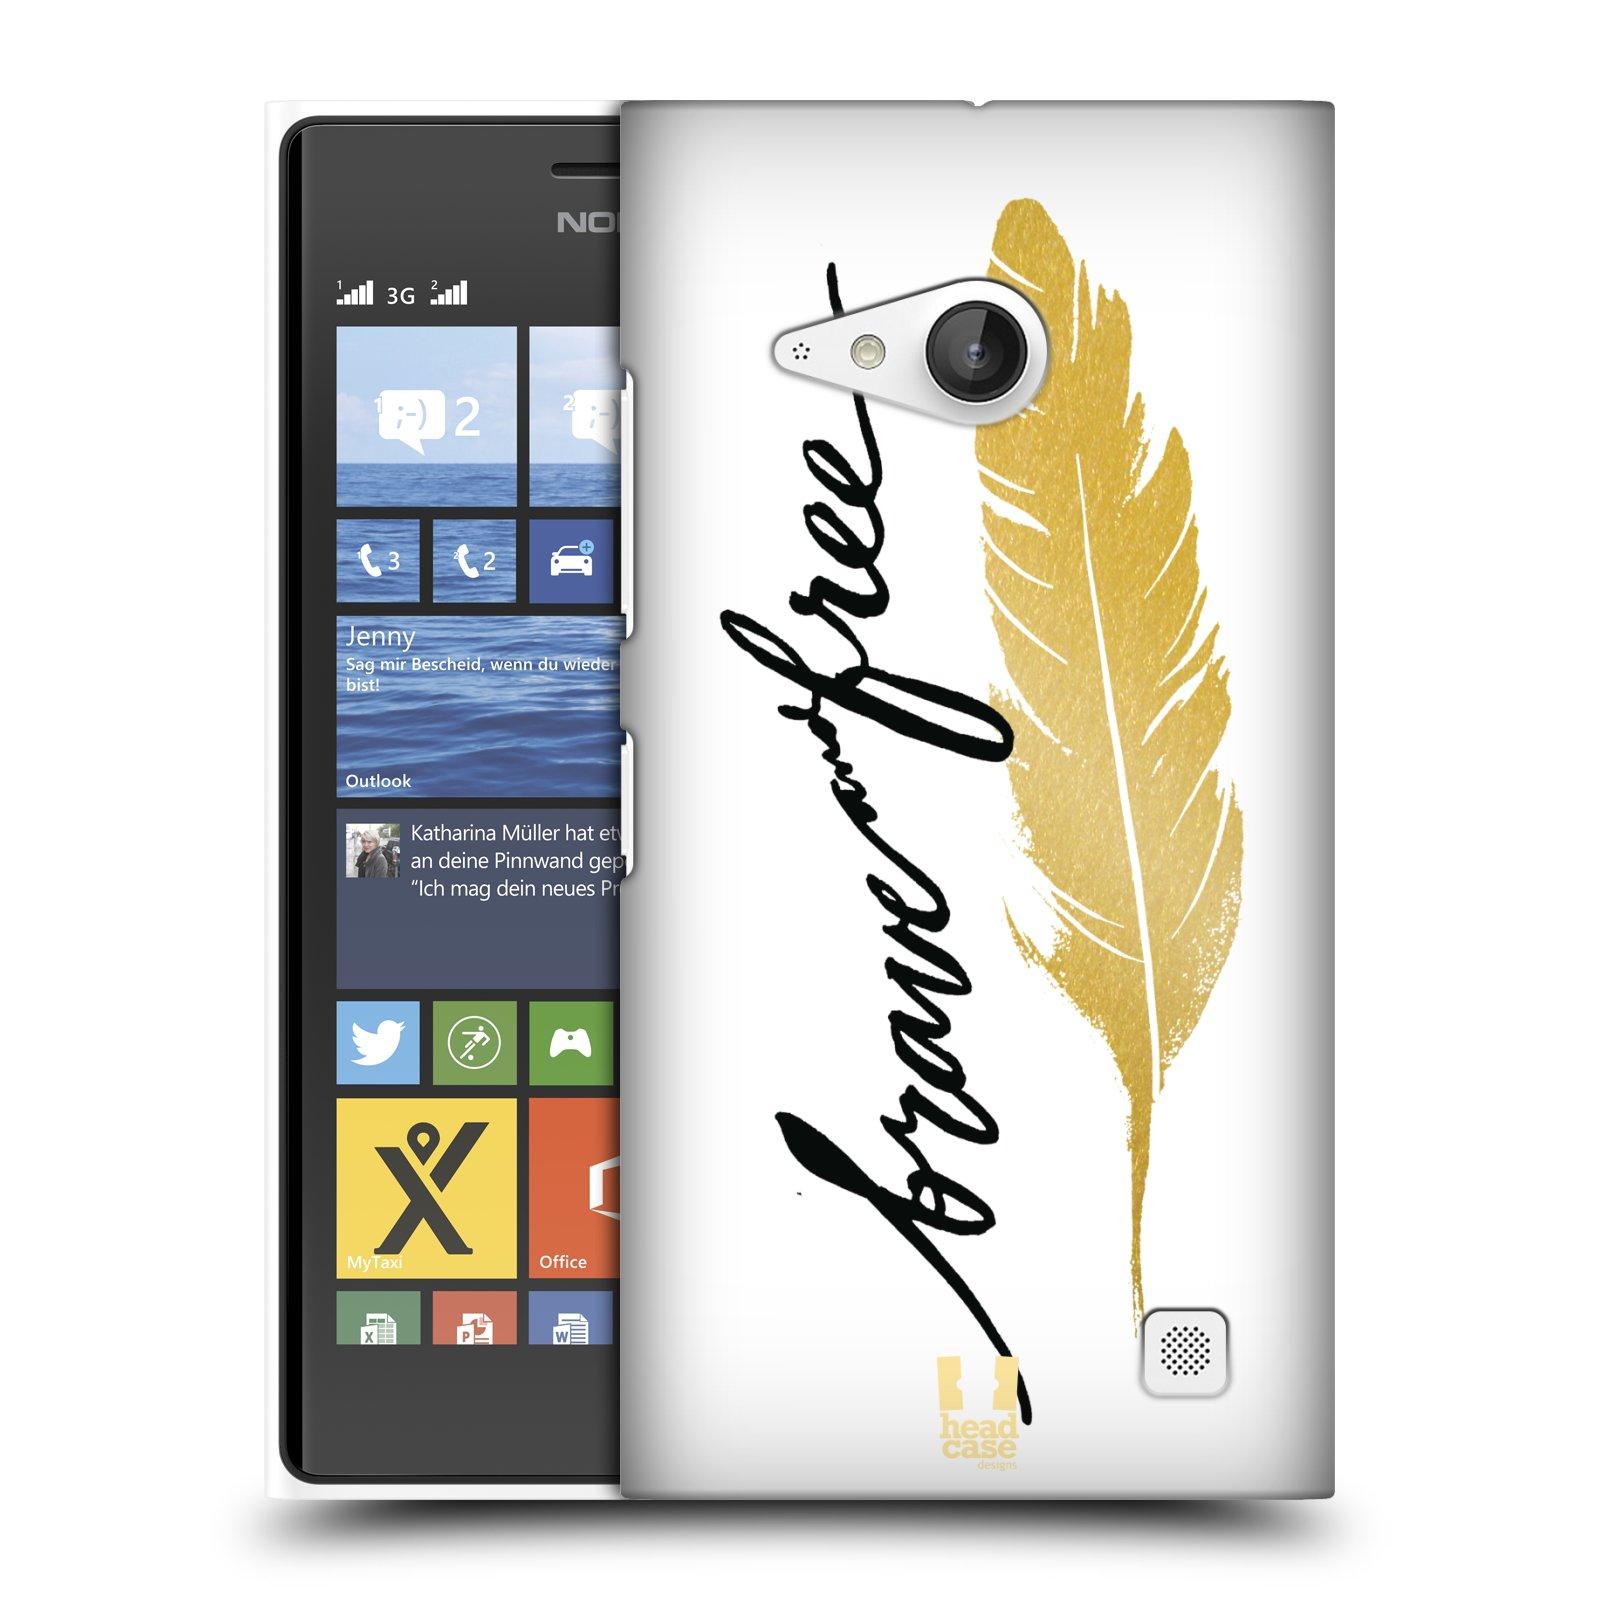 Plastové pouzdro na mobil Nokia Lumia 730 Dual SIM HEAD CASE PÍRKO ZLATÉ FREE (Kryt či obal na mobilní telefon Nokia Lumia 730 Dual SIM)